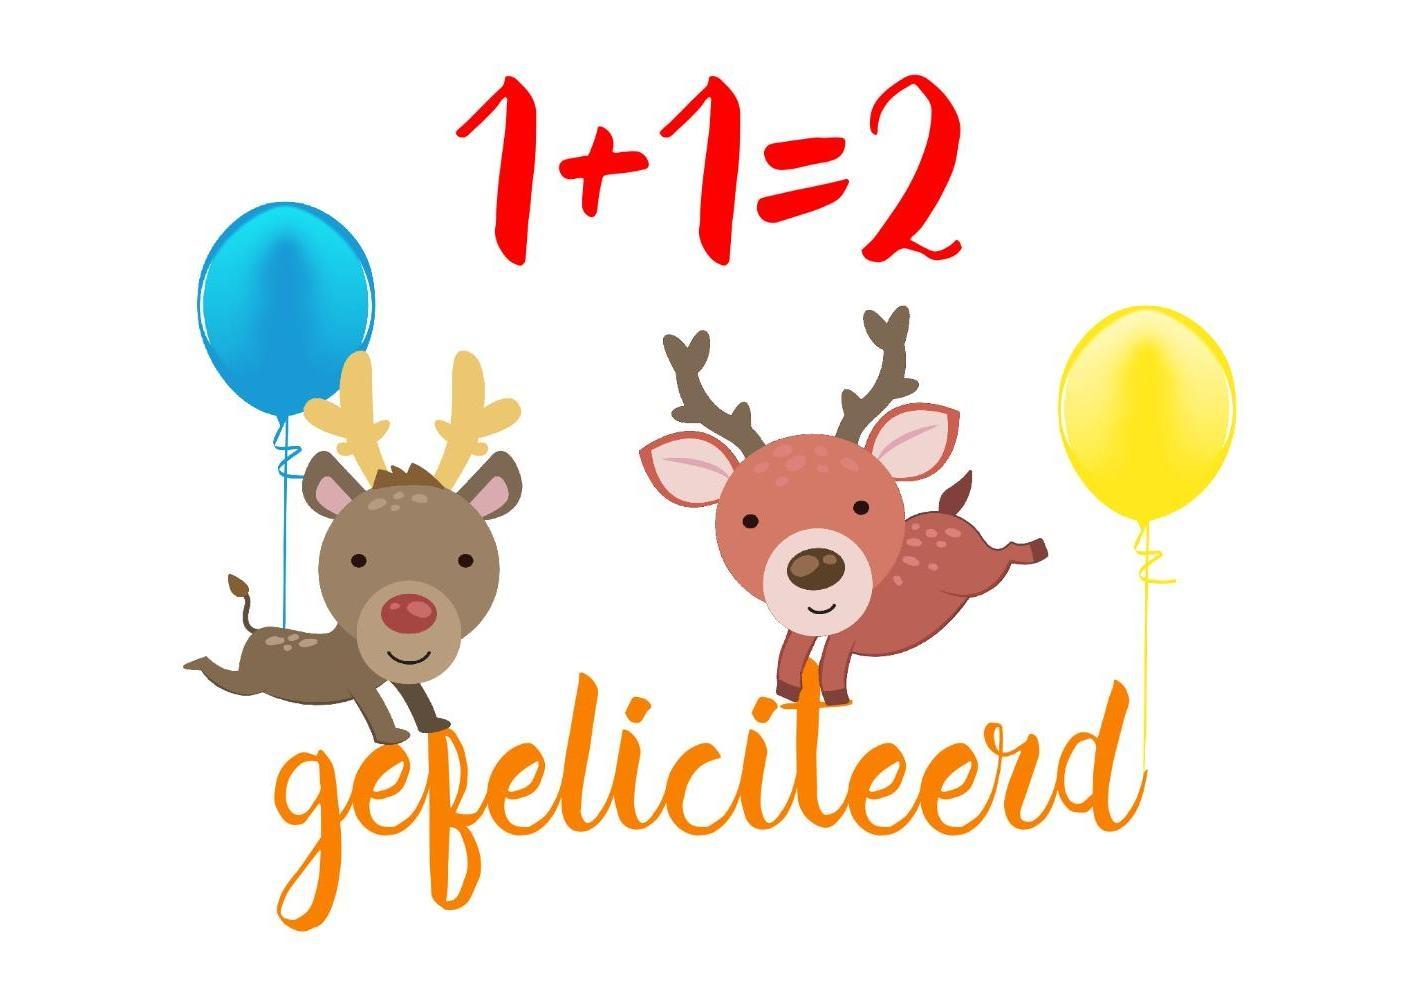 Verjaardagskaart kind 2 jaar inspectionconference for Poppenhuis kind 2 jaar